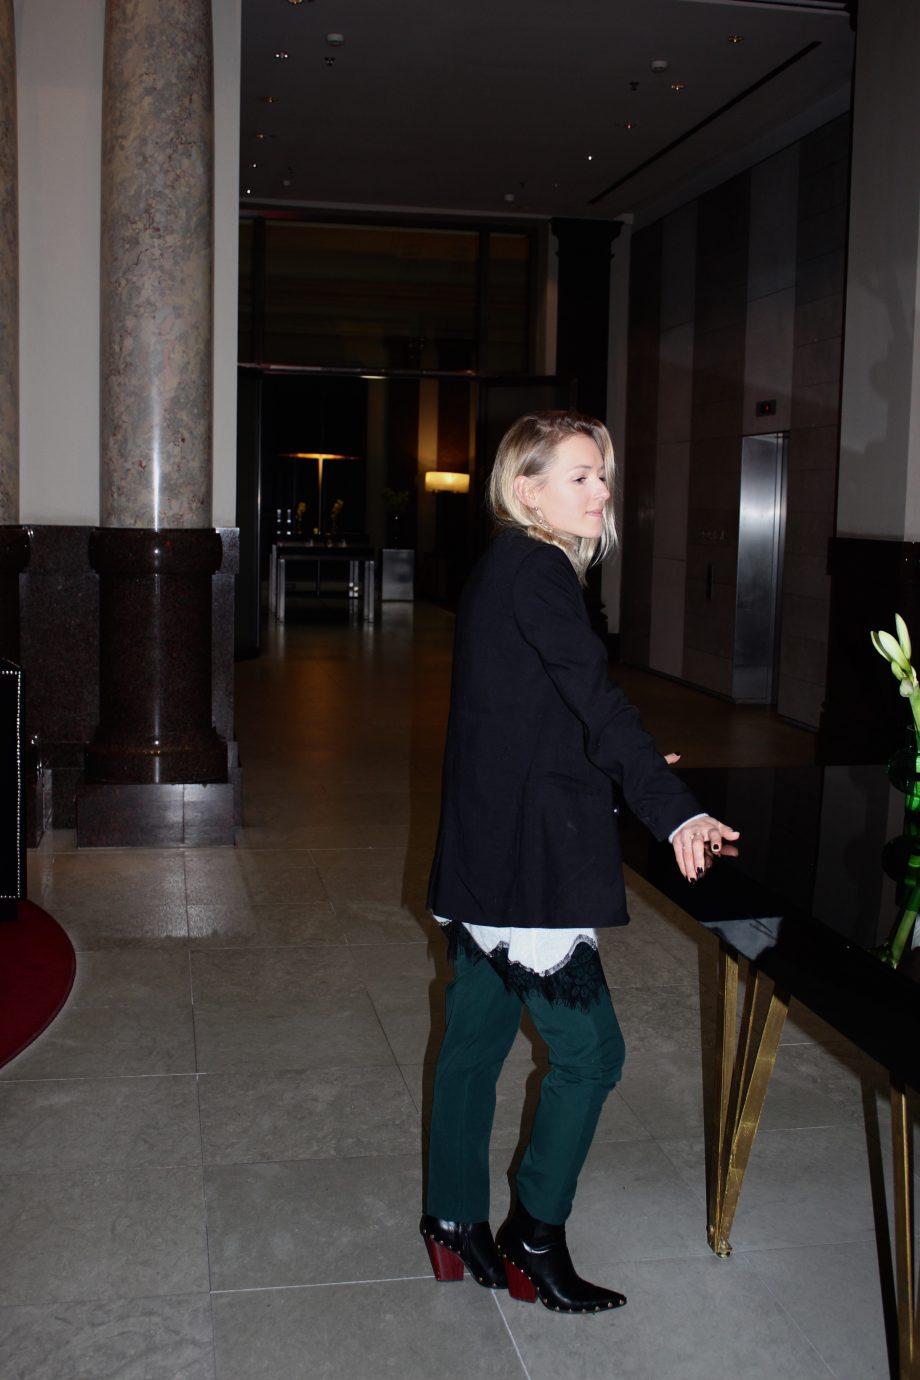 Hotel De Rome, Berlin  |24.01.2017